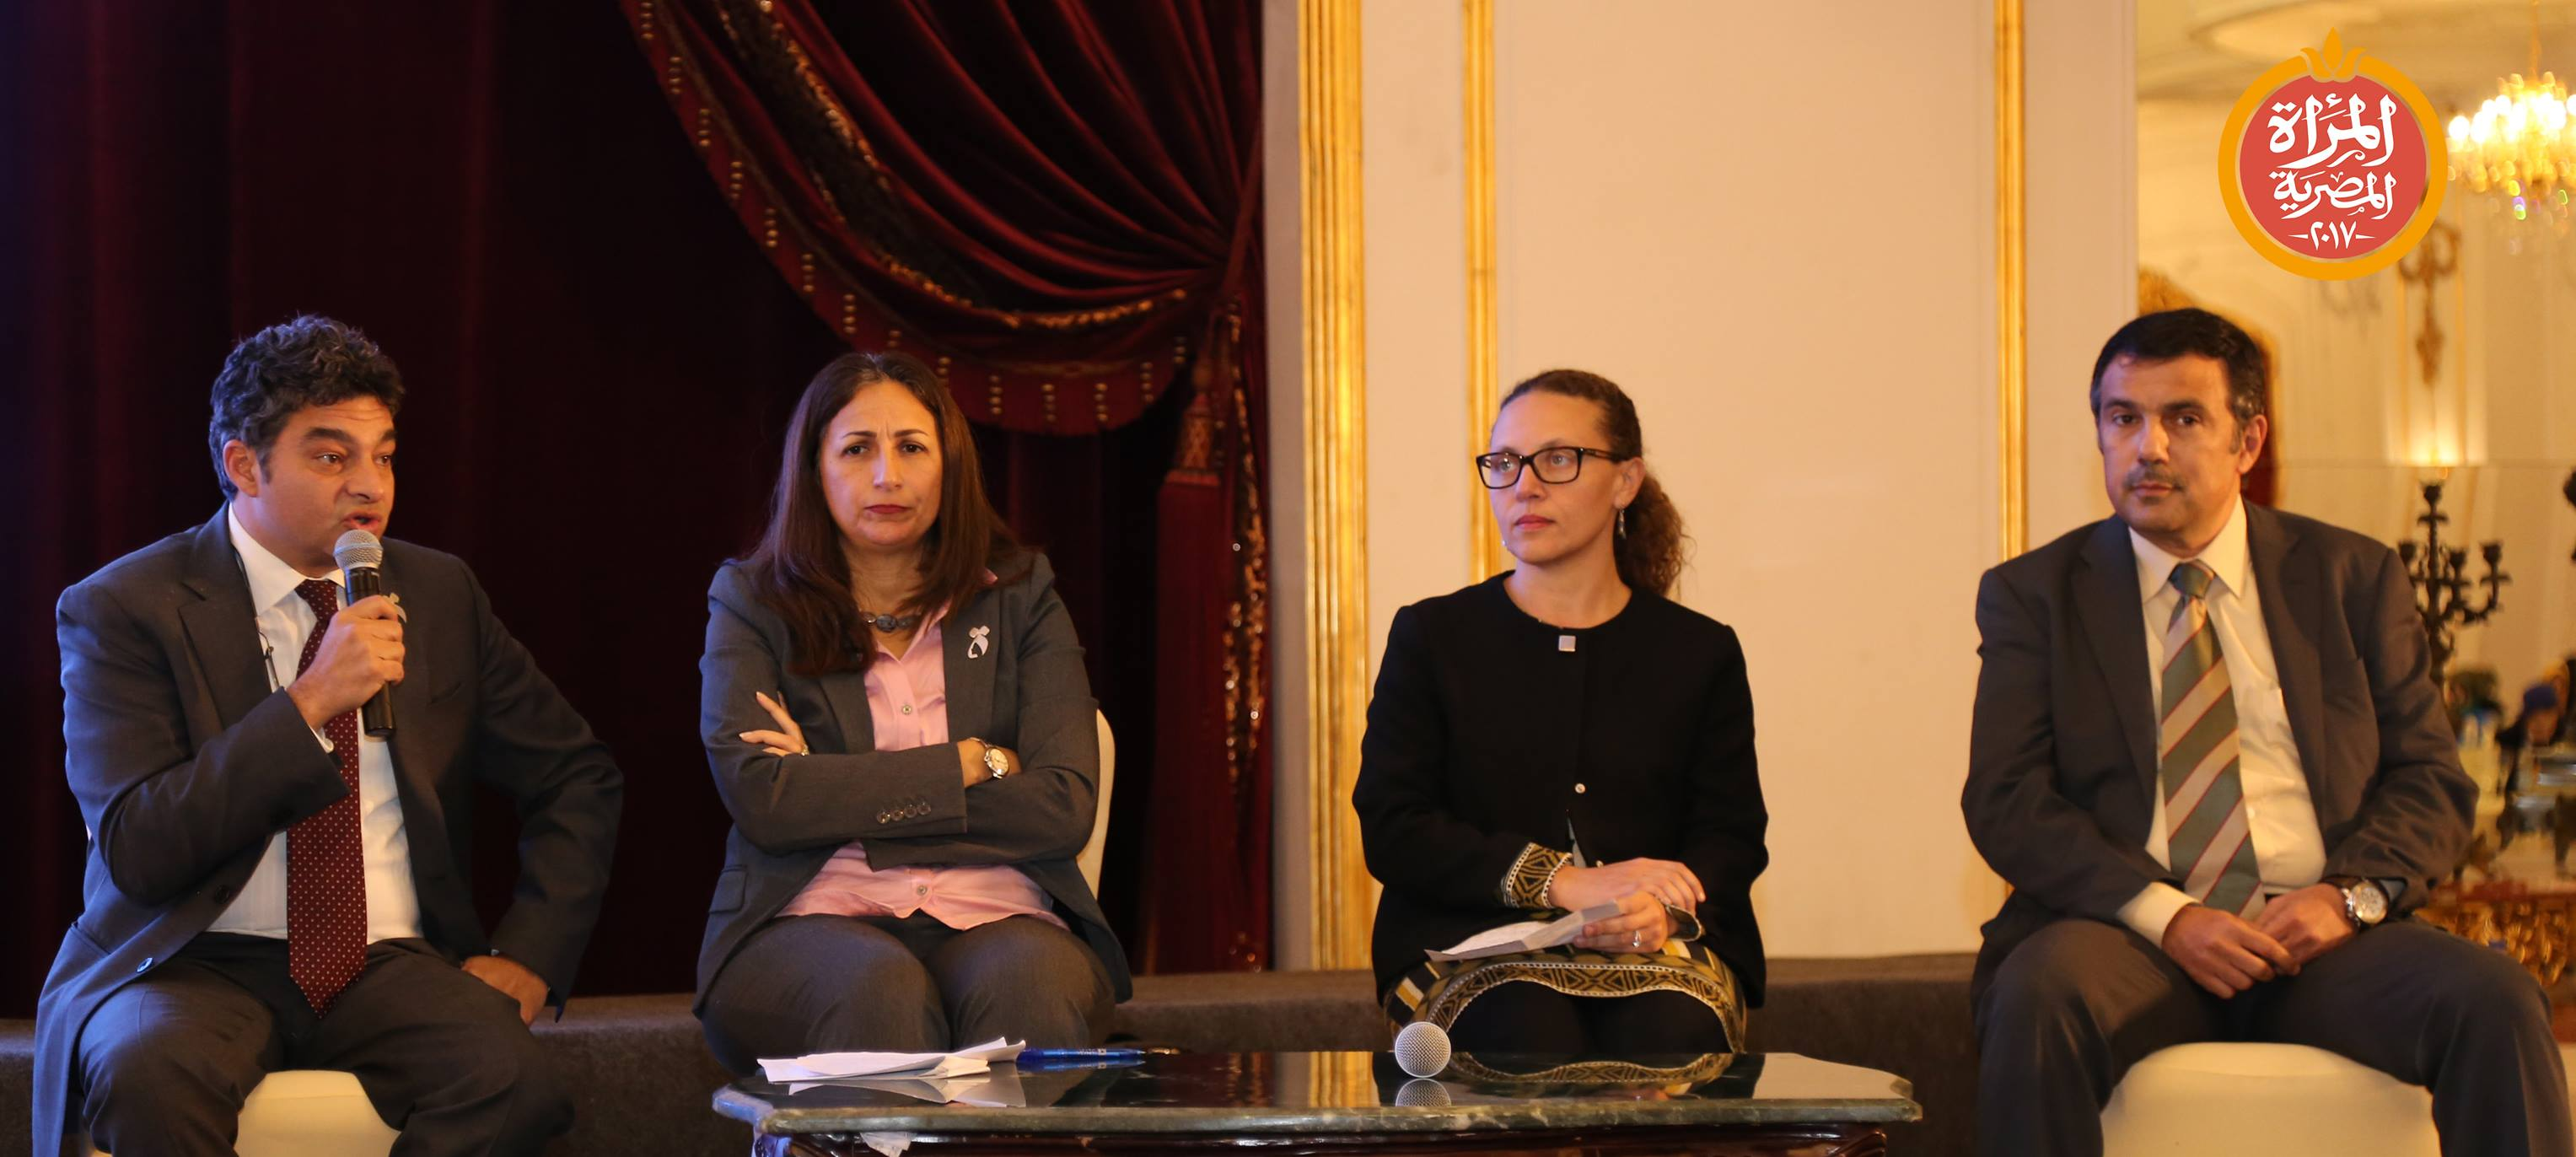 """جلسة بعنوان"""" الشمول المالى للمرأة"""" ضمن مؤتمر المرأة المصرية والتنمية المستدامة 2030"""